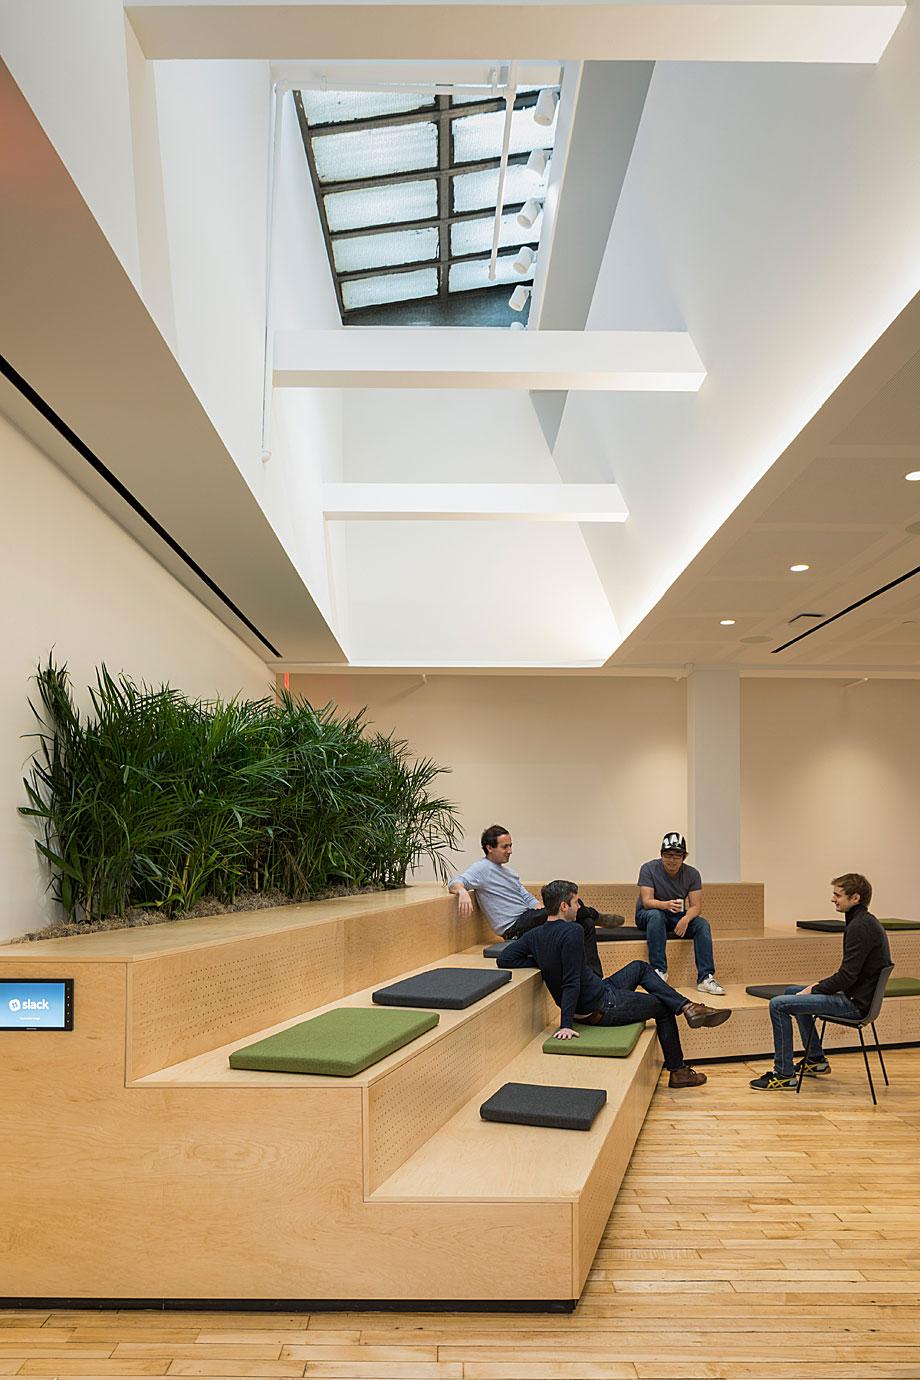 oficinas-slack-nueva-york-snohetta (4)